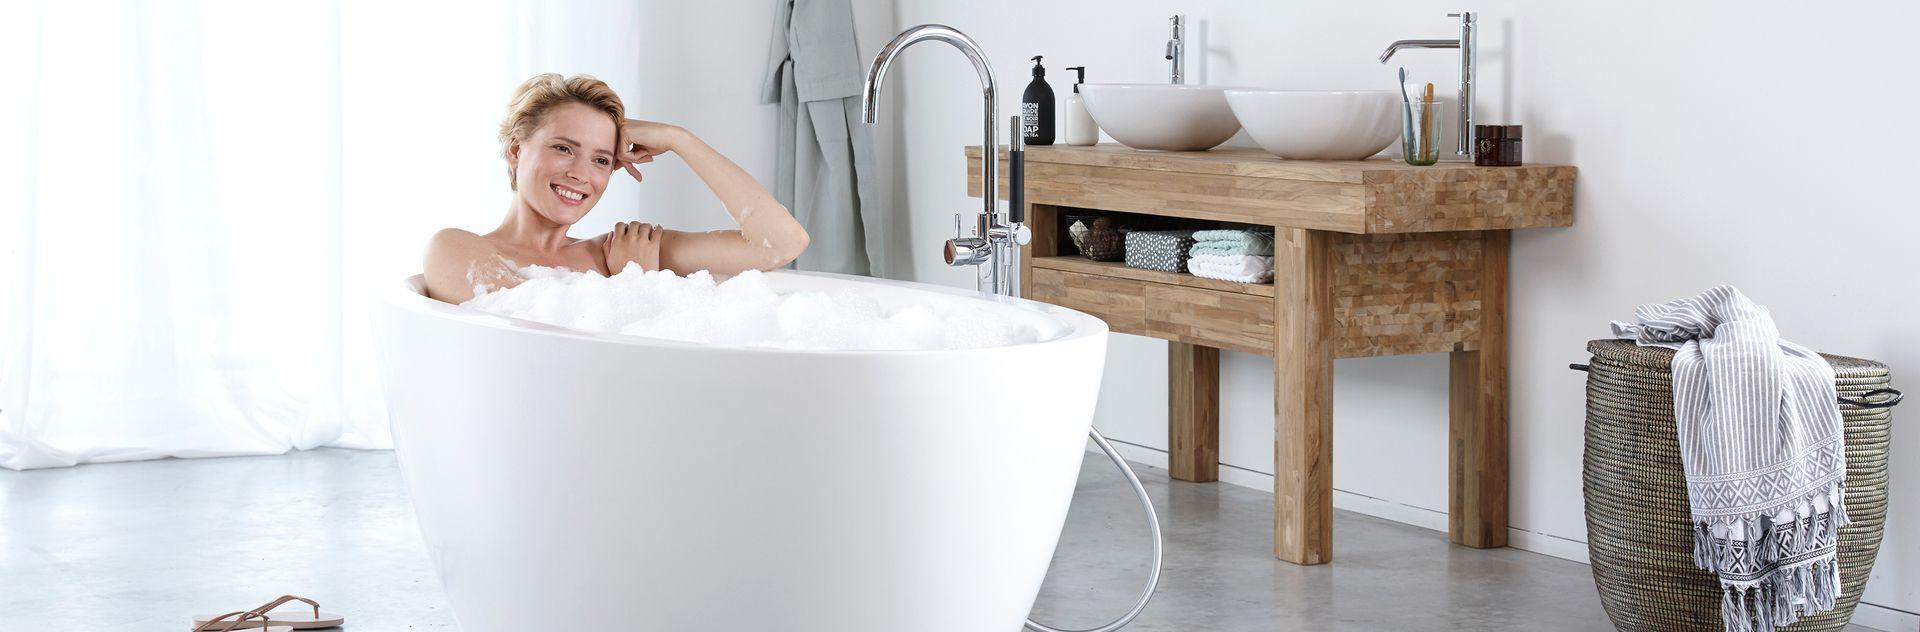 Badkamerstijlen - Badkamerstijlen